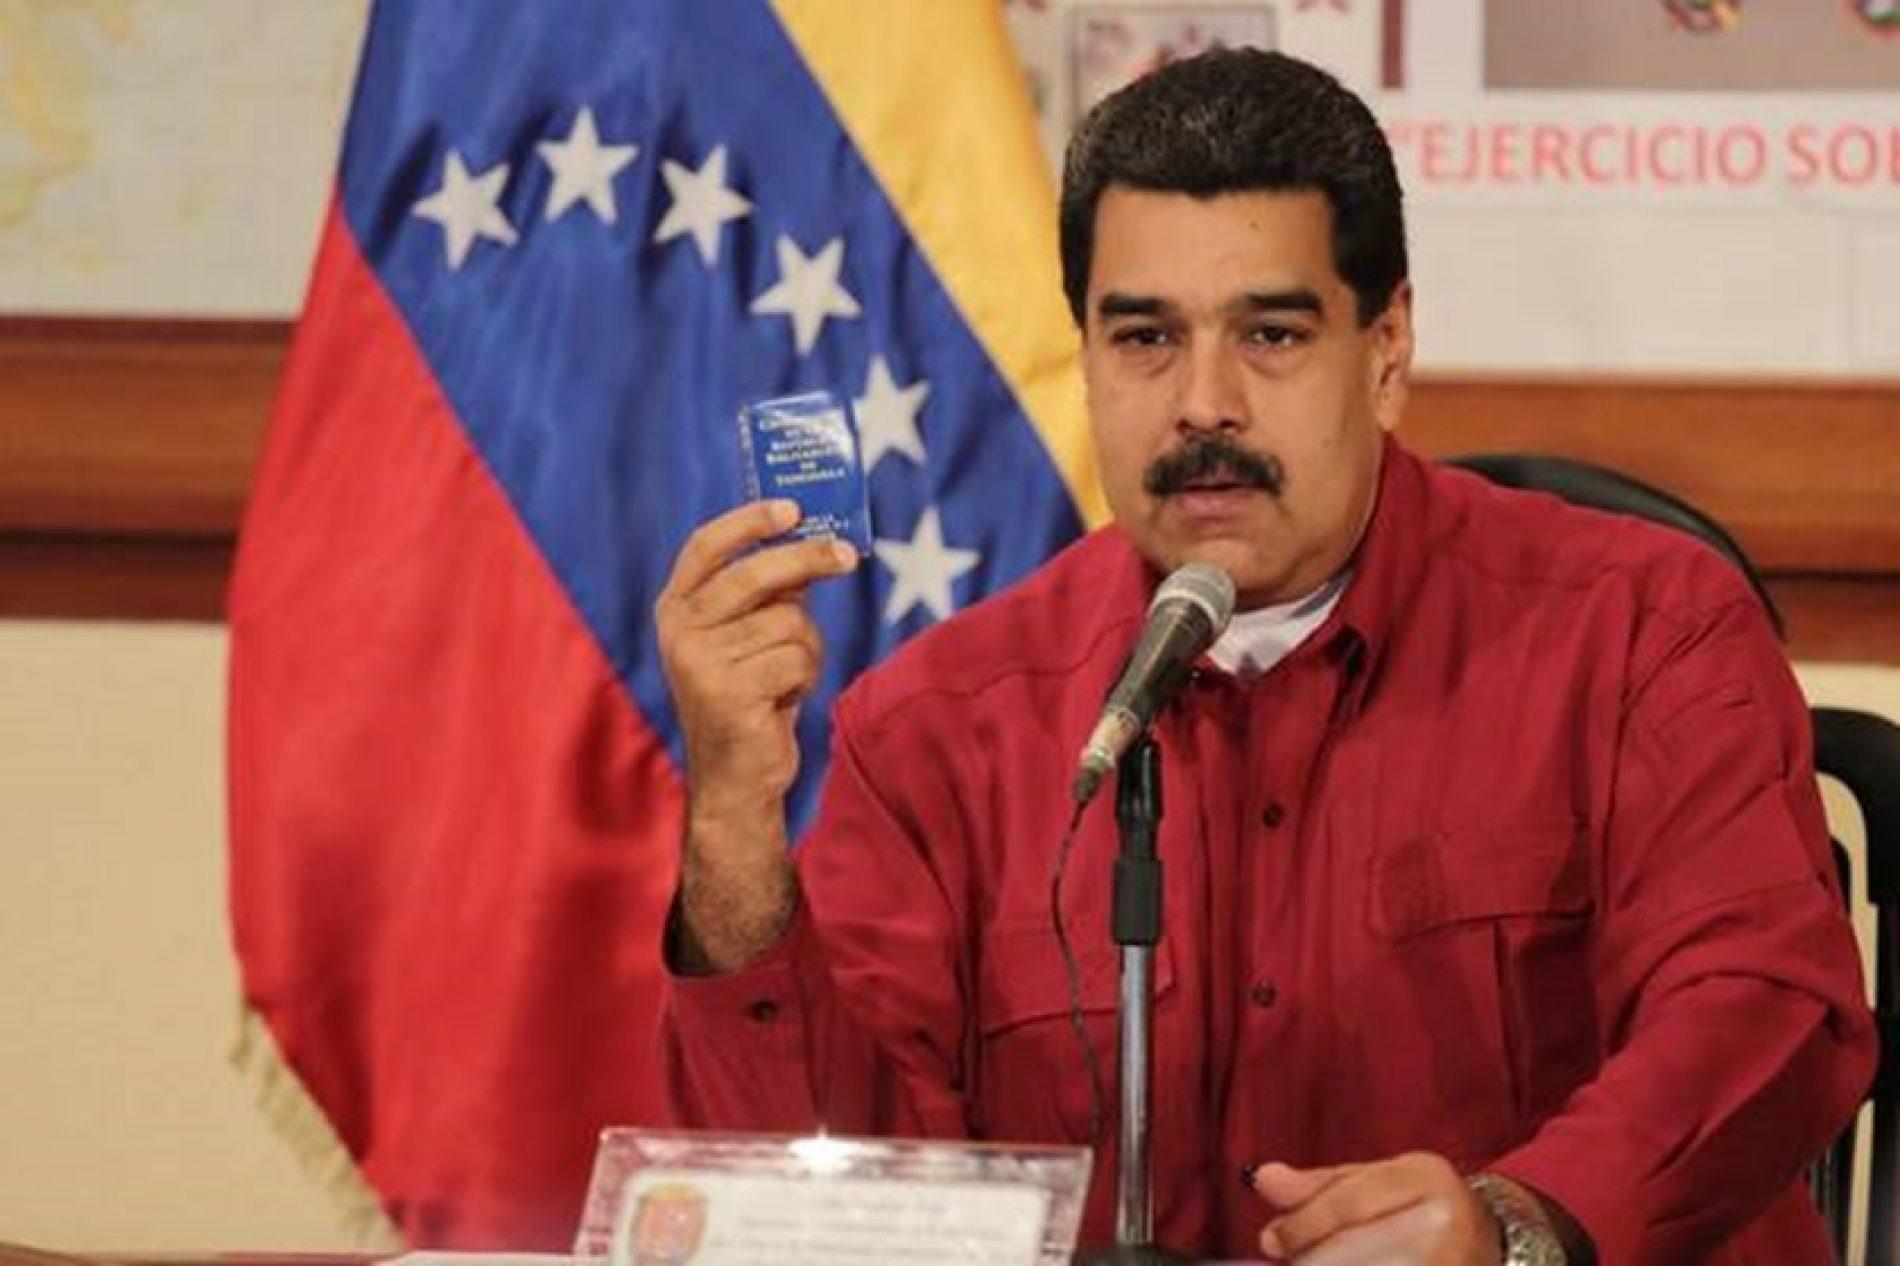 Sob críticas, Maduro assume hoje o 3º mandato presidencial